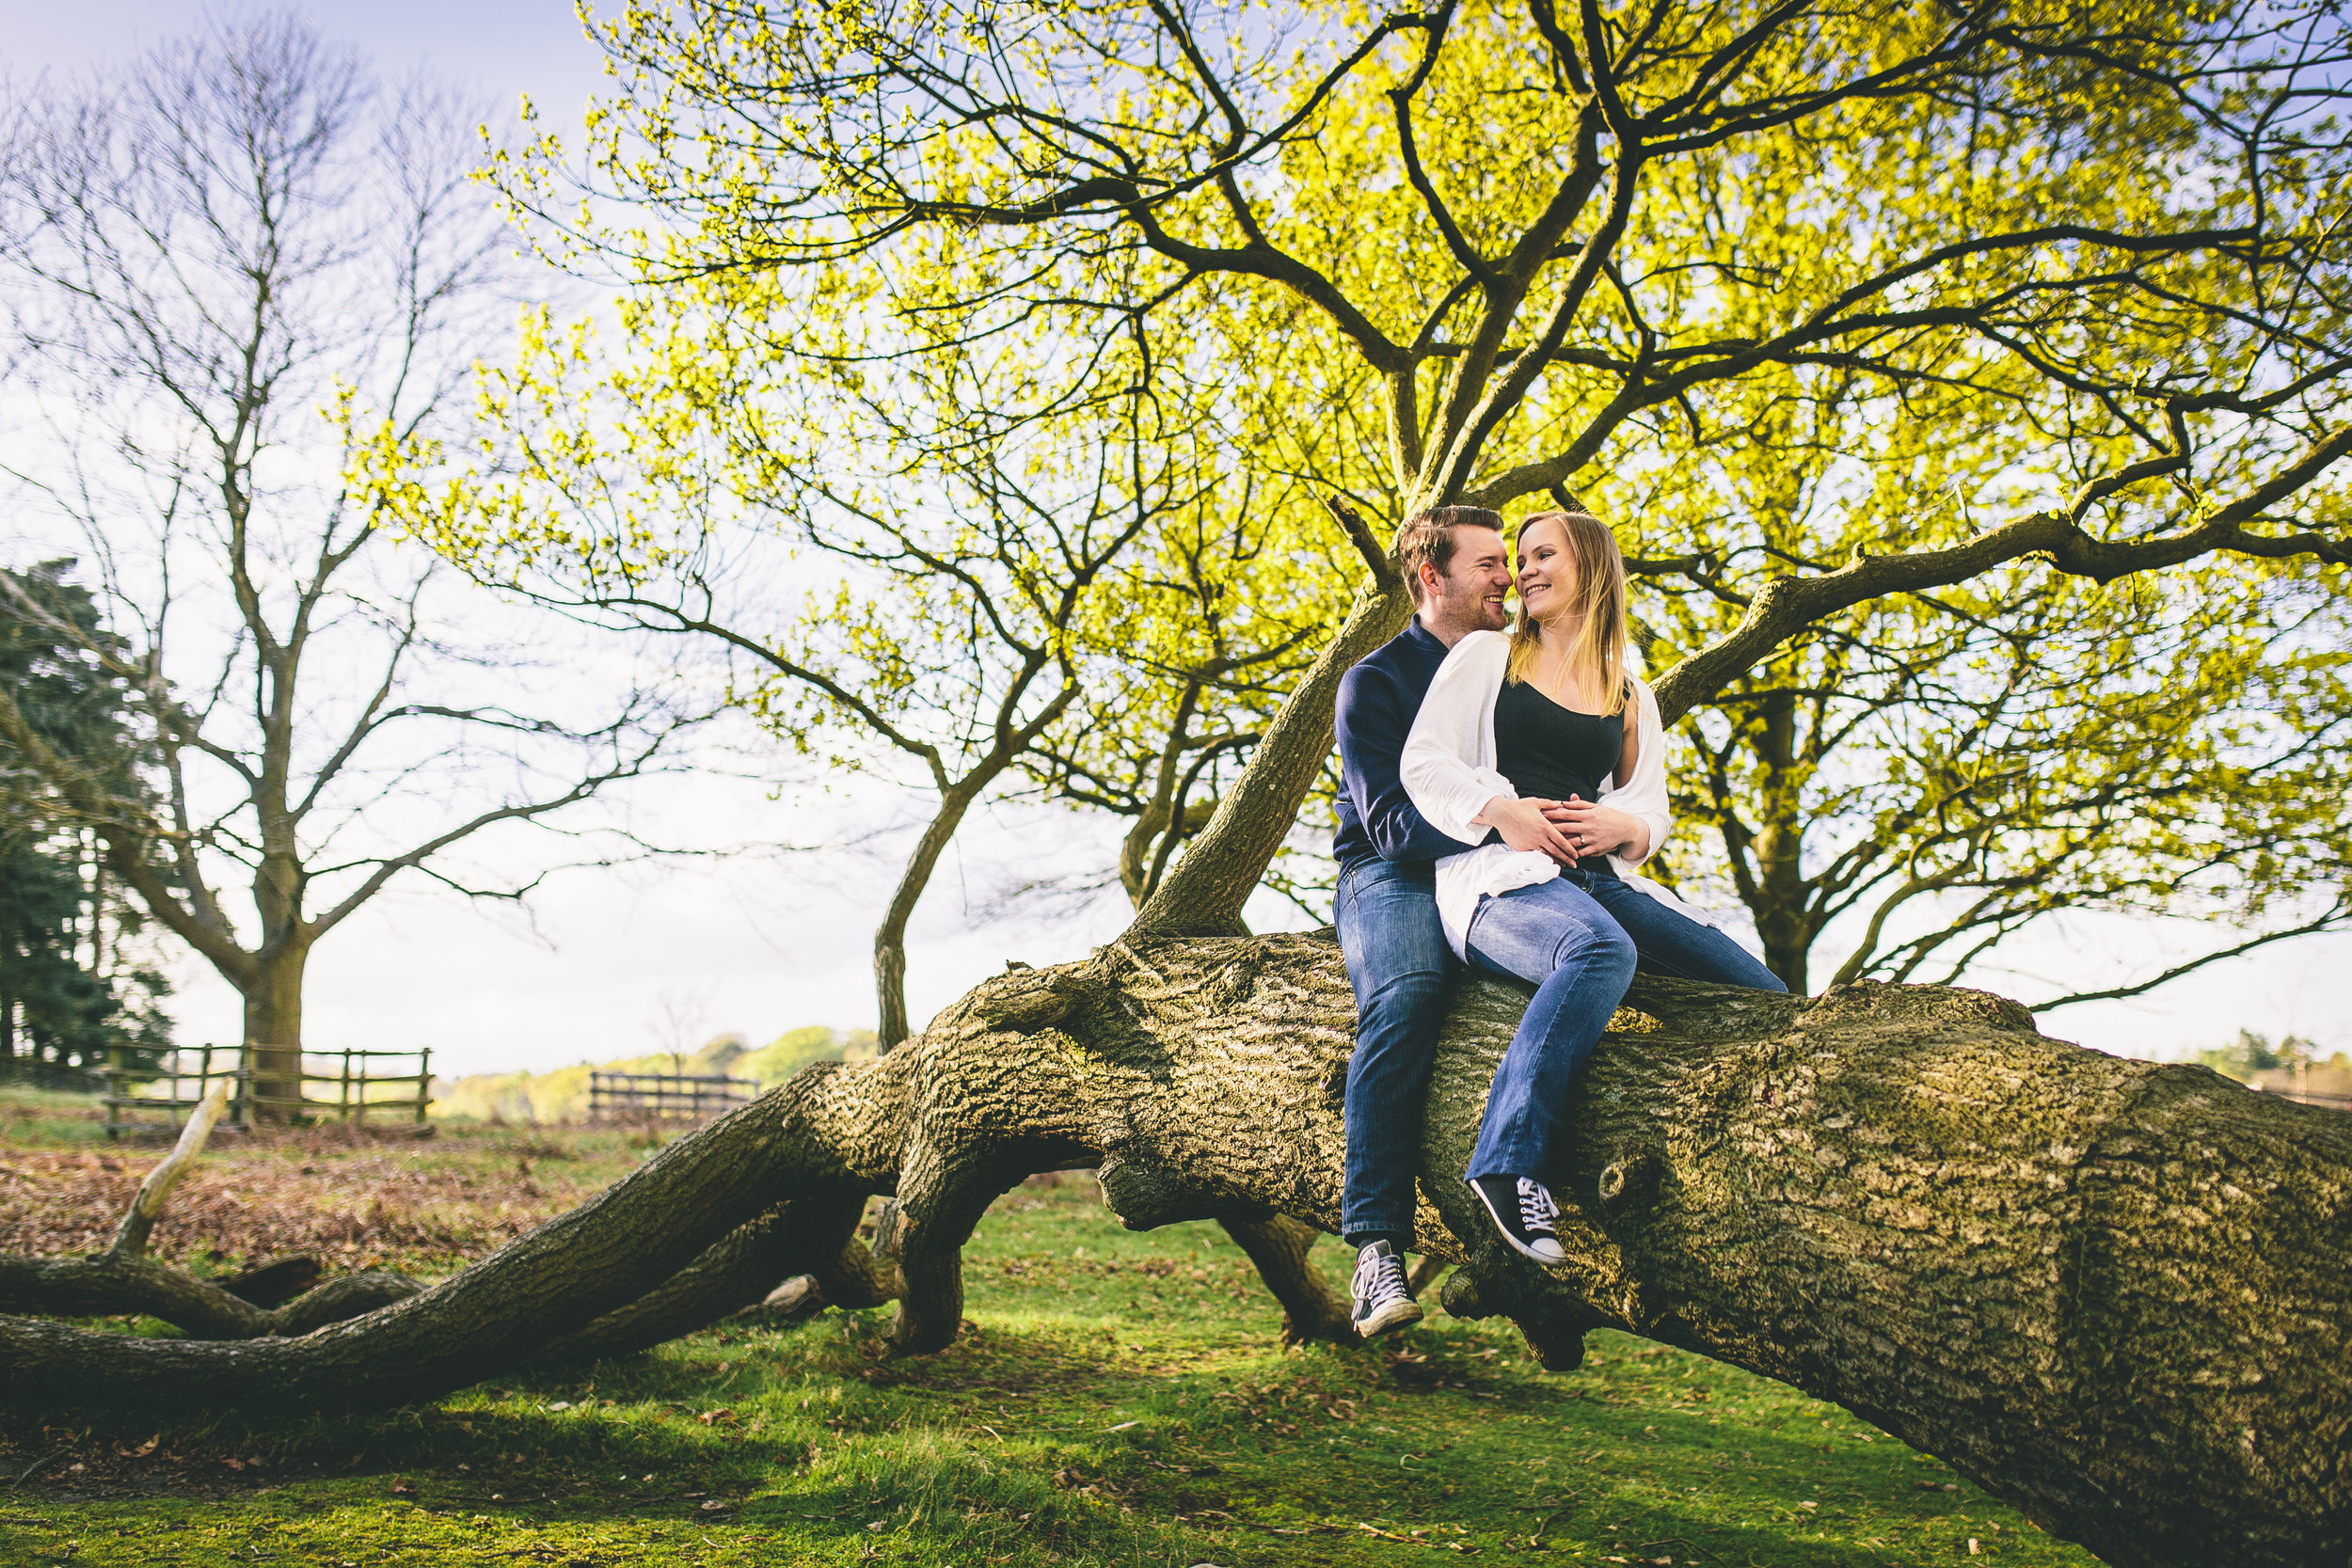 Matt&Hanna_06.jpg